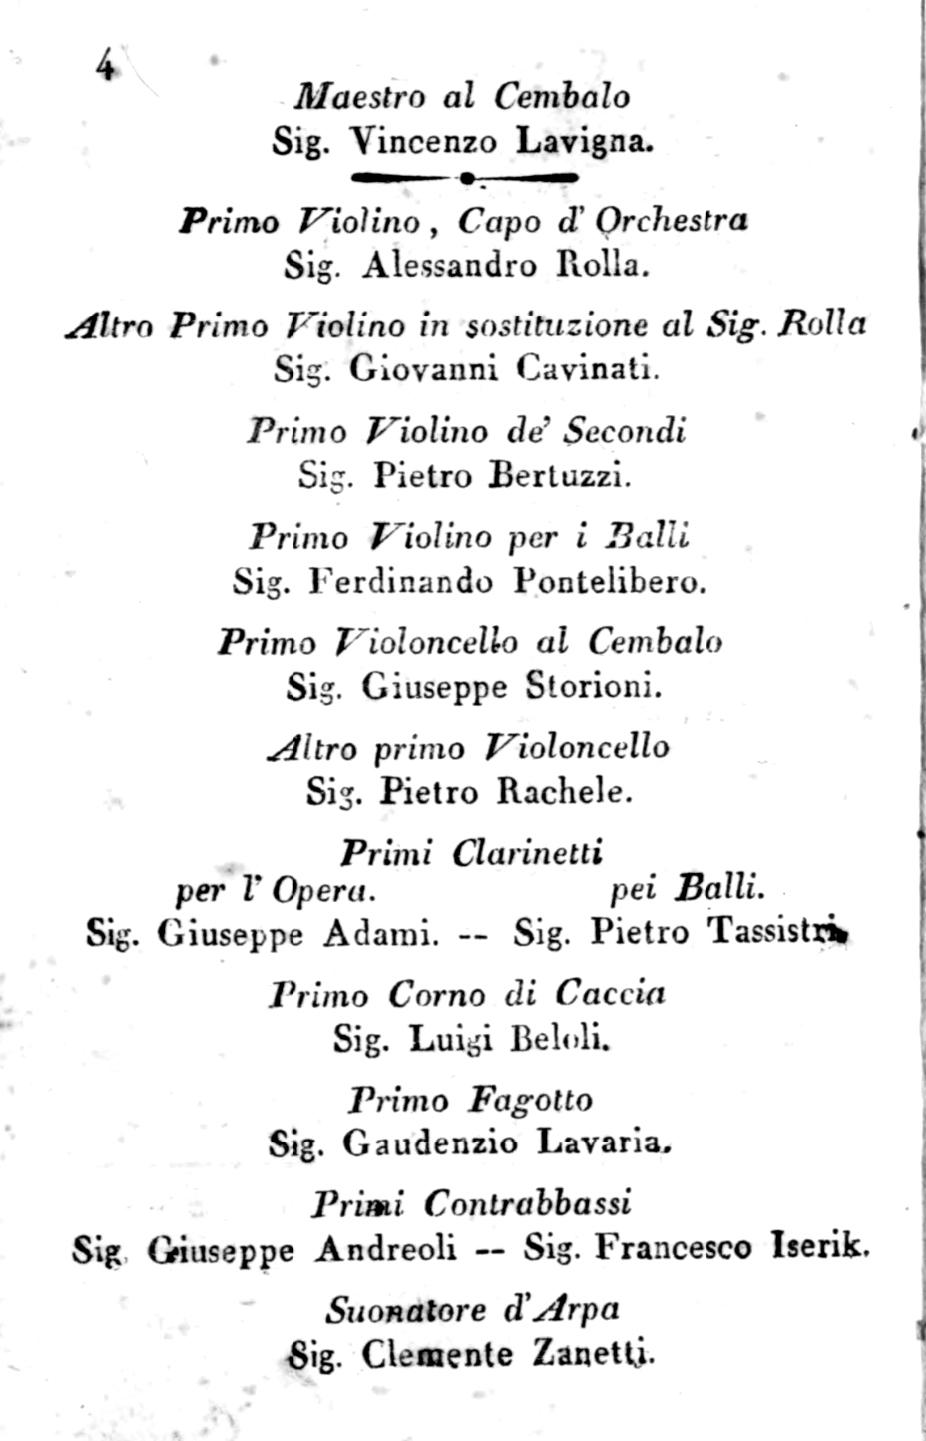 ミラノ・スカラ座歌劇場管弦楽団の歴史 1811年~1820年_b0189423_17284639.jpg